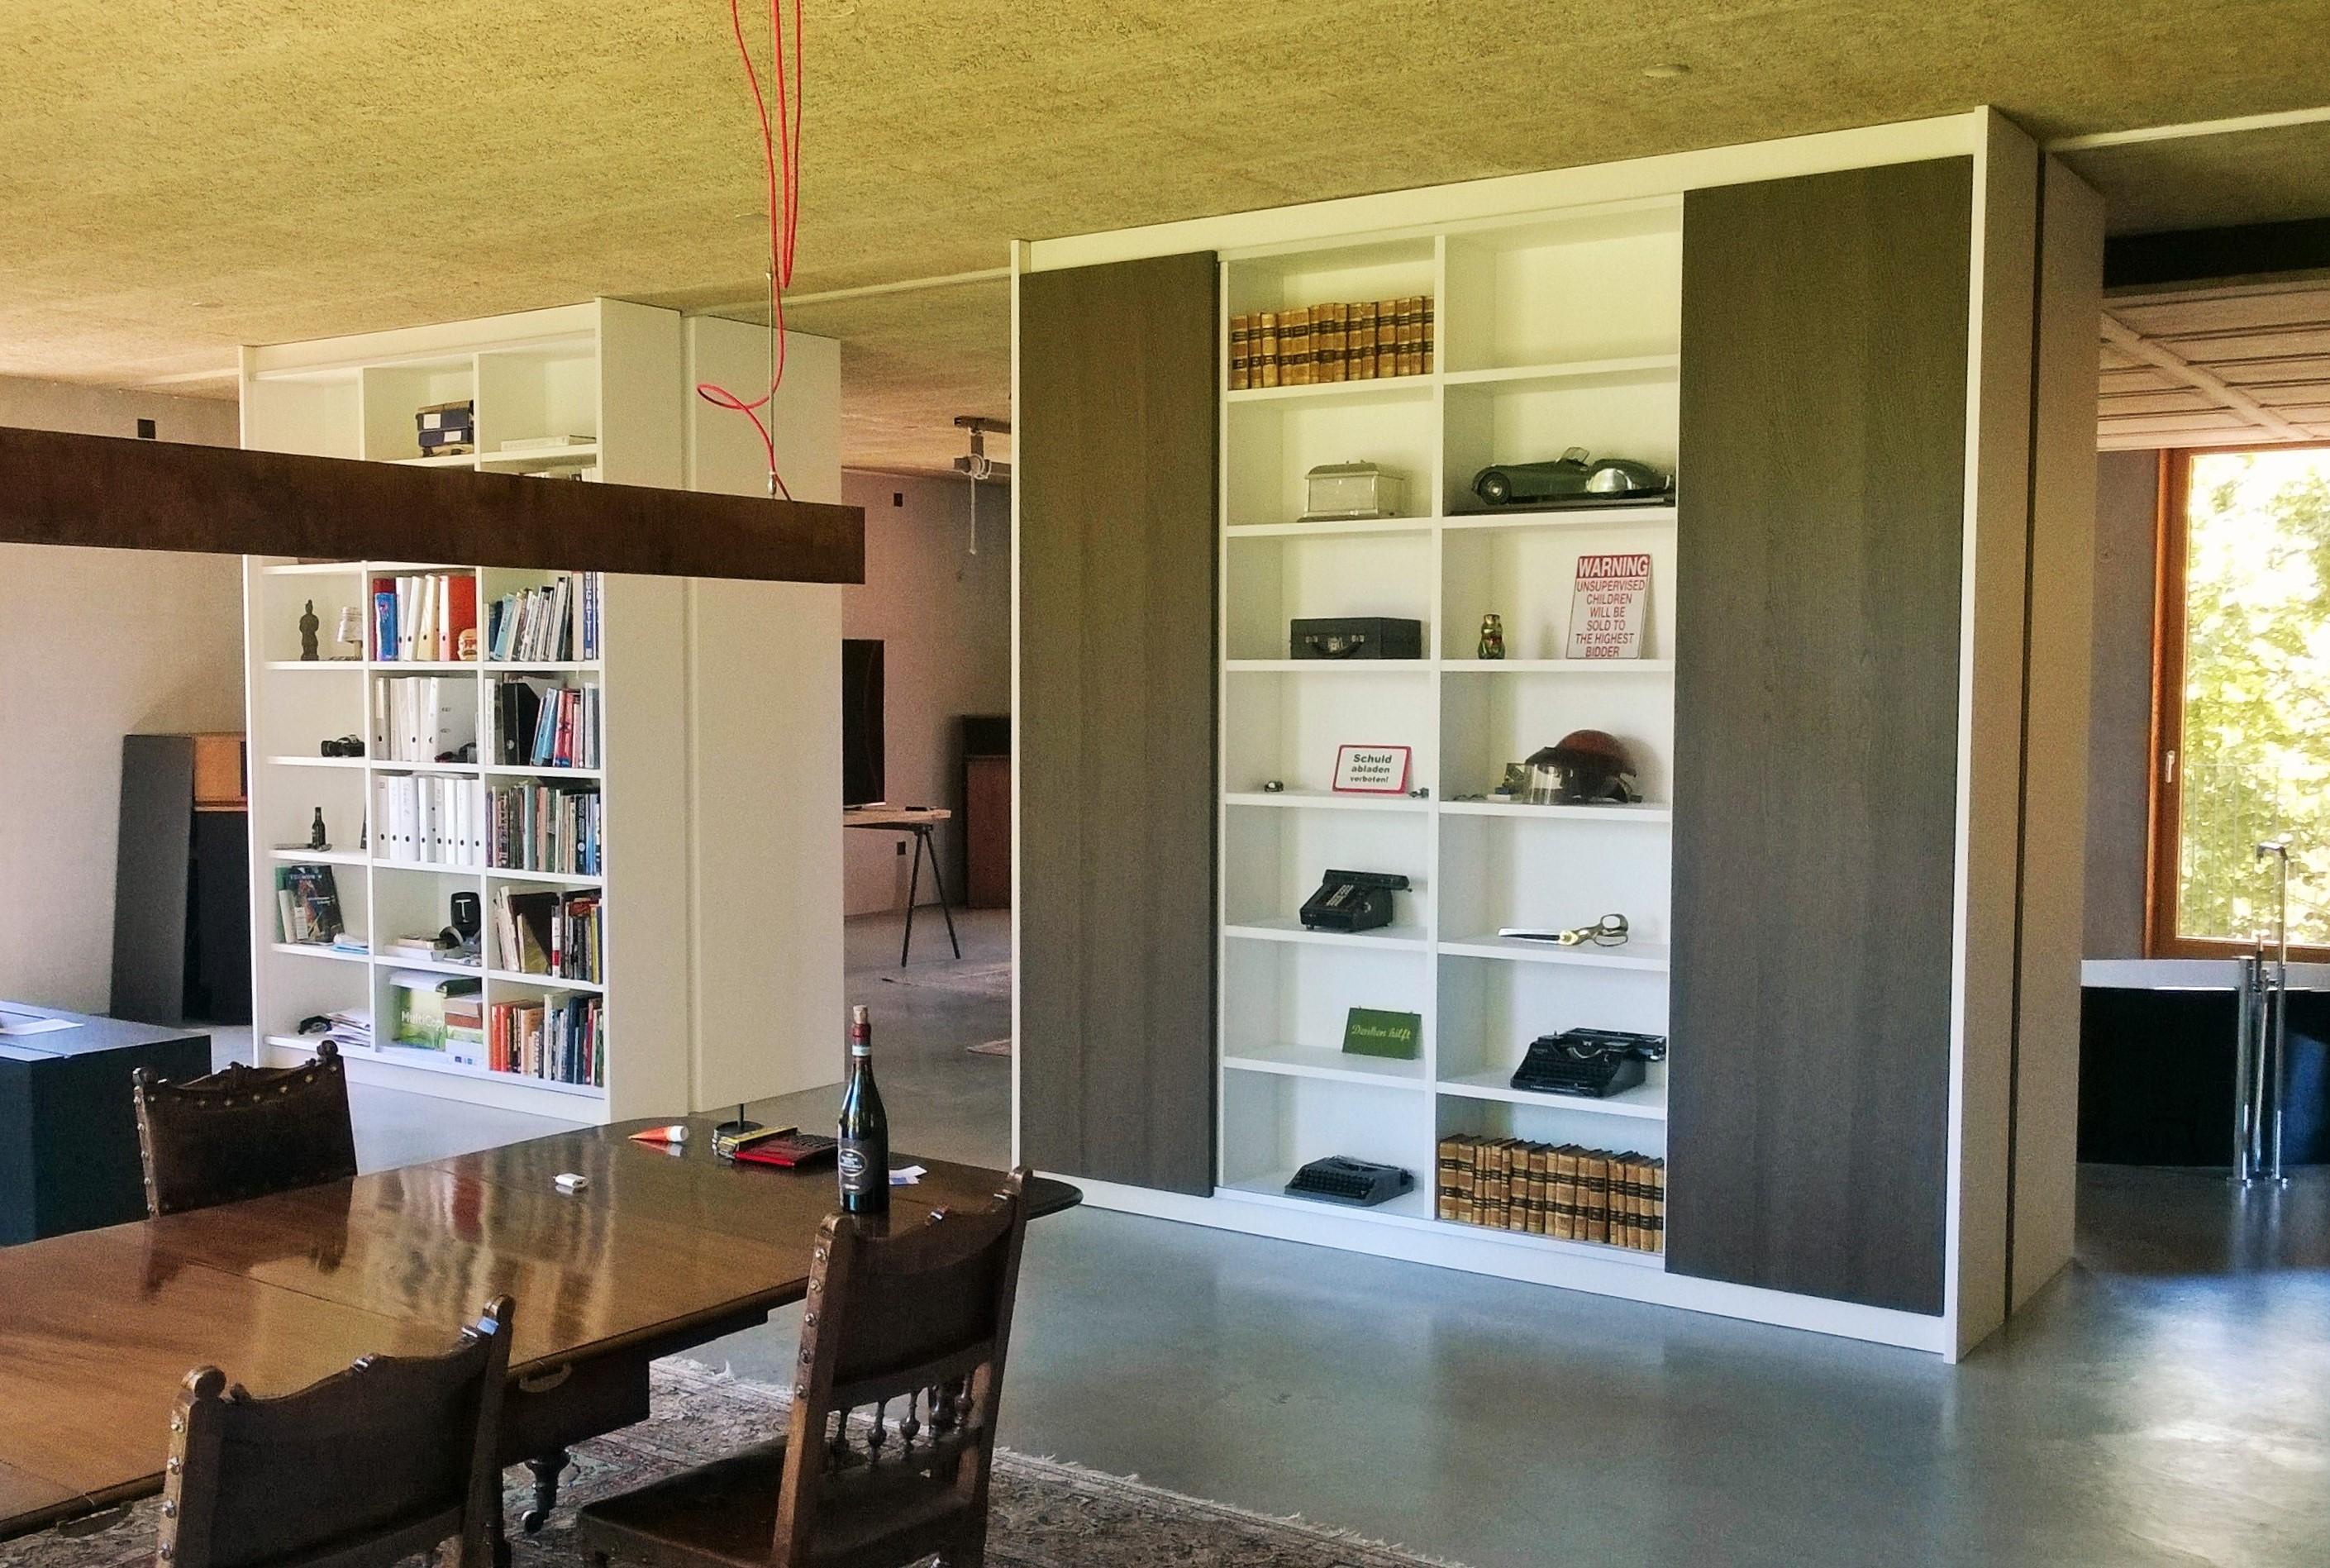 komplettausstattung eines lofts k che wohnen schlafen arbeiten und bad. Black Bedroom Furniture Sets. Home Design Ideas